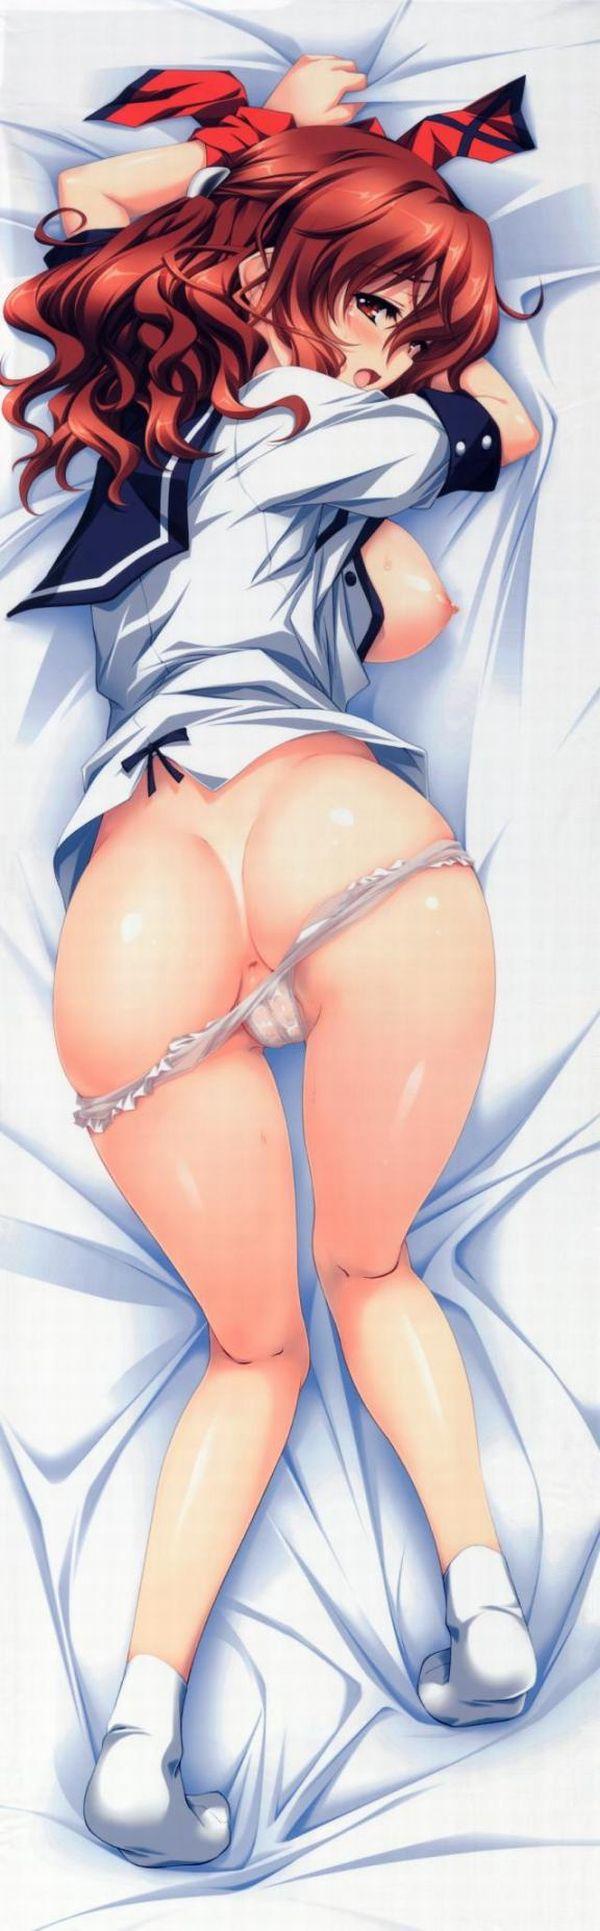 【アナル】締まりの良さそうな肛門の二次エロ画像 【11】